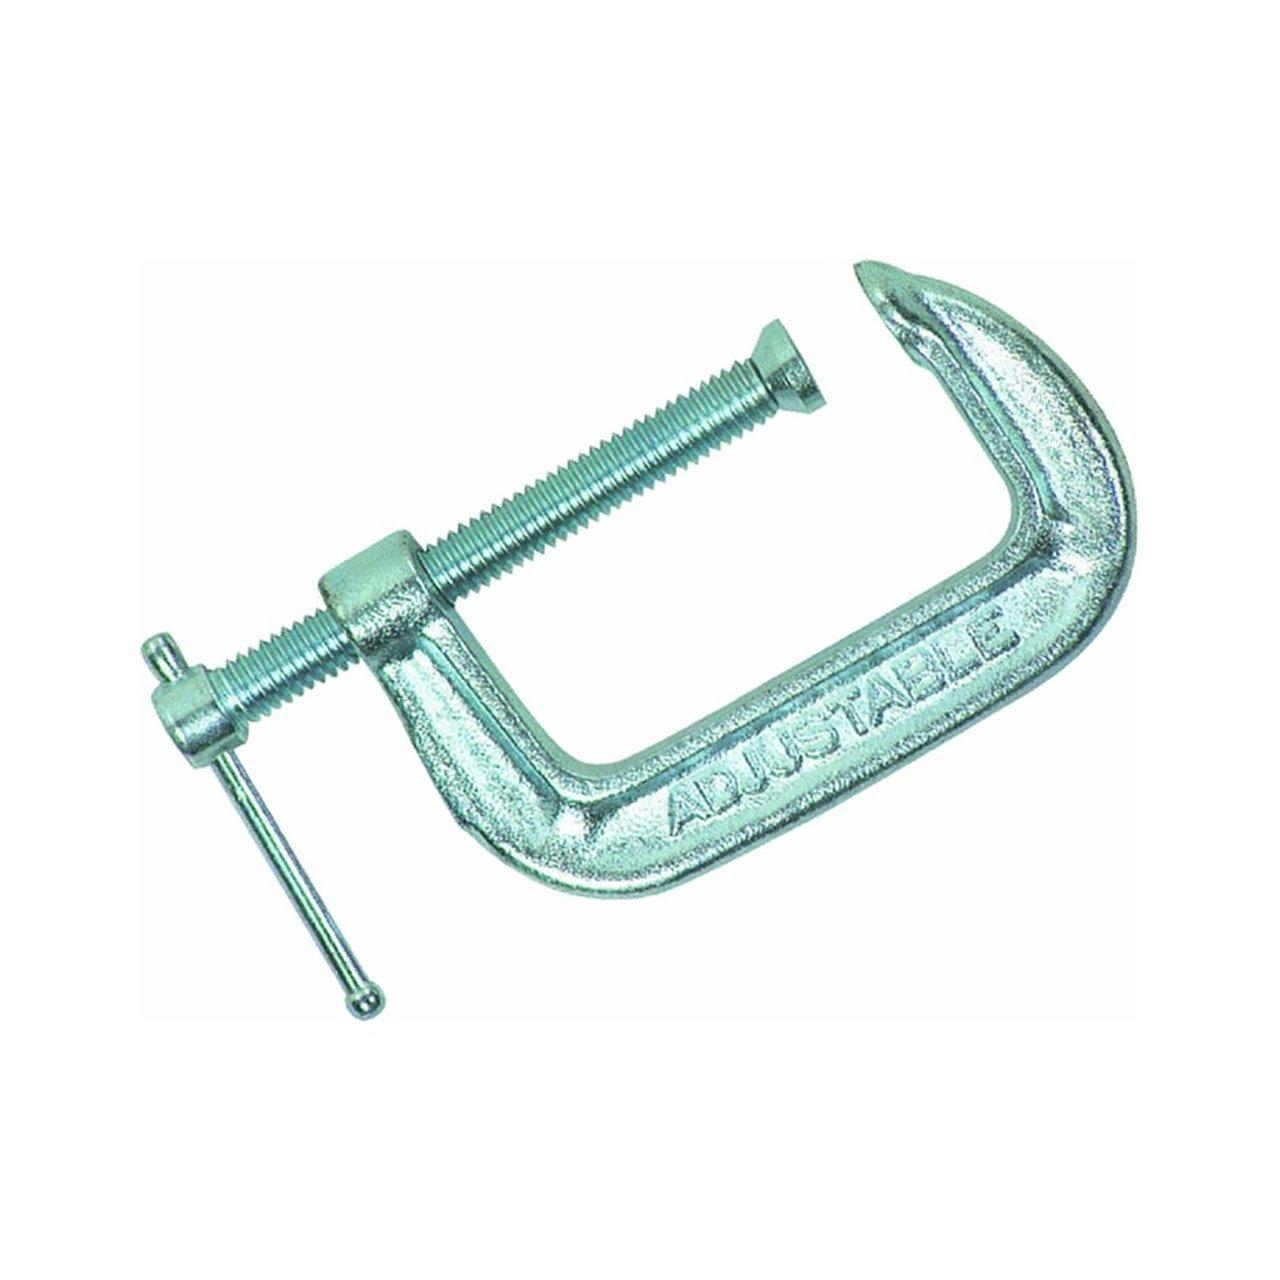 Irwin quick grip c clamp quot ebay